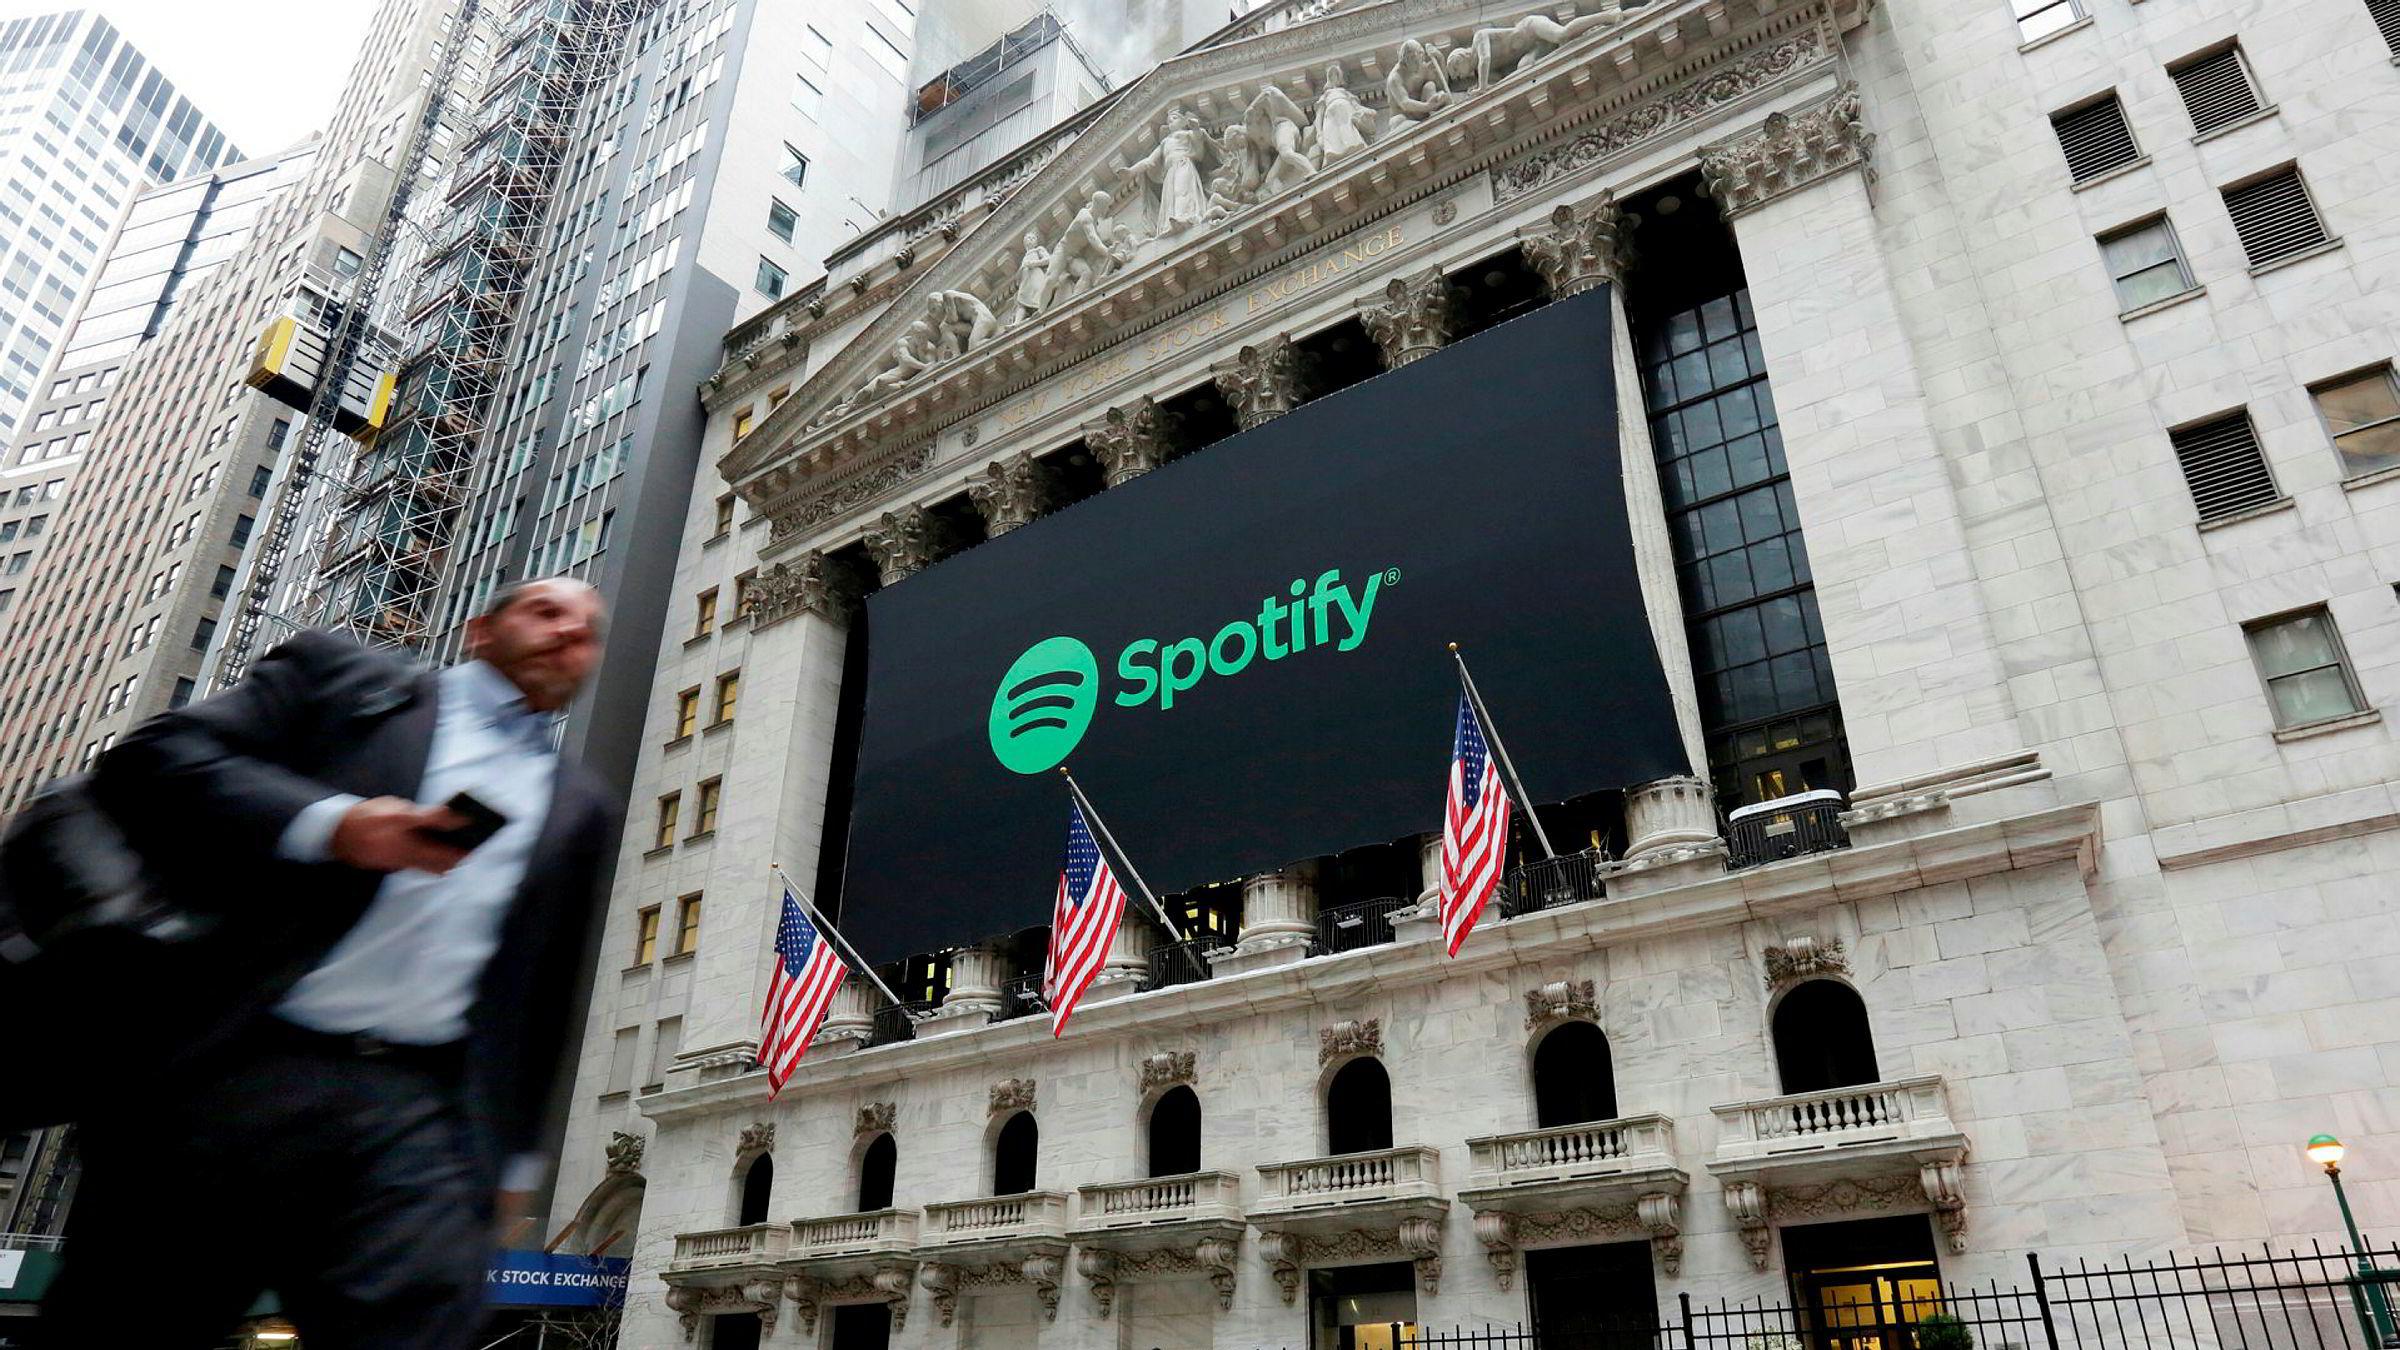 Børsnoteringen av Spotify ga en verdi på rundt 200 milliarder kroner. Det kunne gitt norske eiere en samlet formuesskatt på mer enn 1,3 milliarder kroner årlig – et ødeleggende beløp.